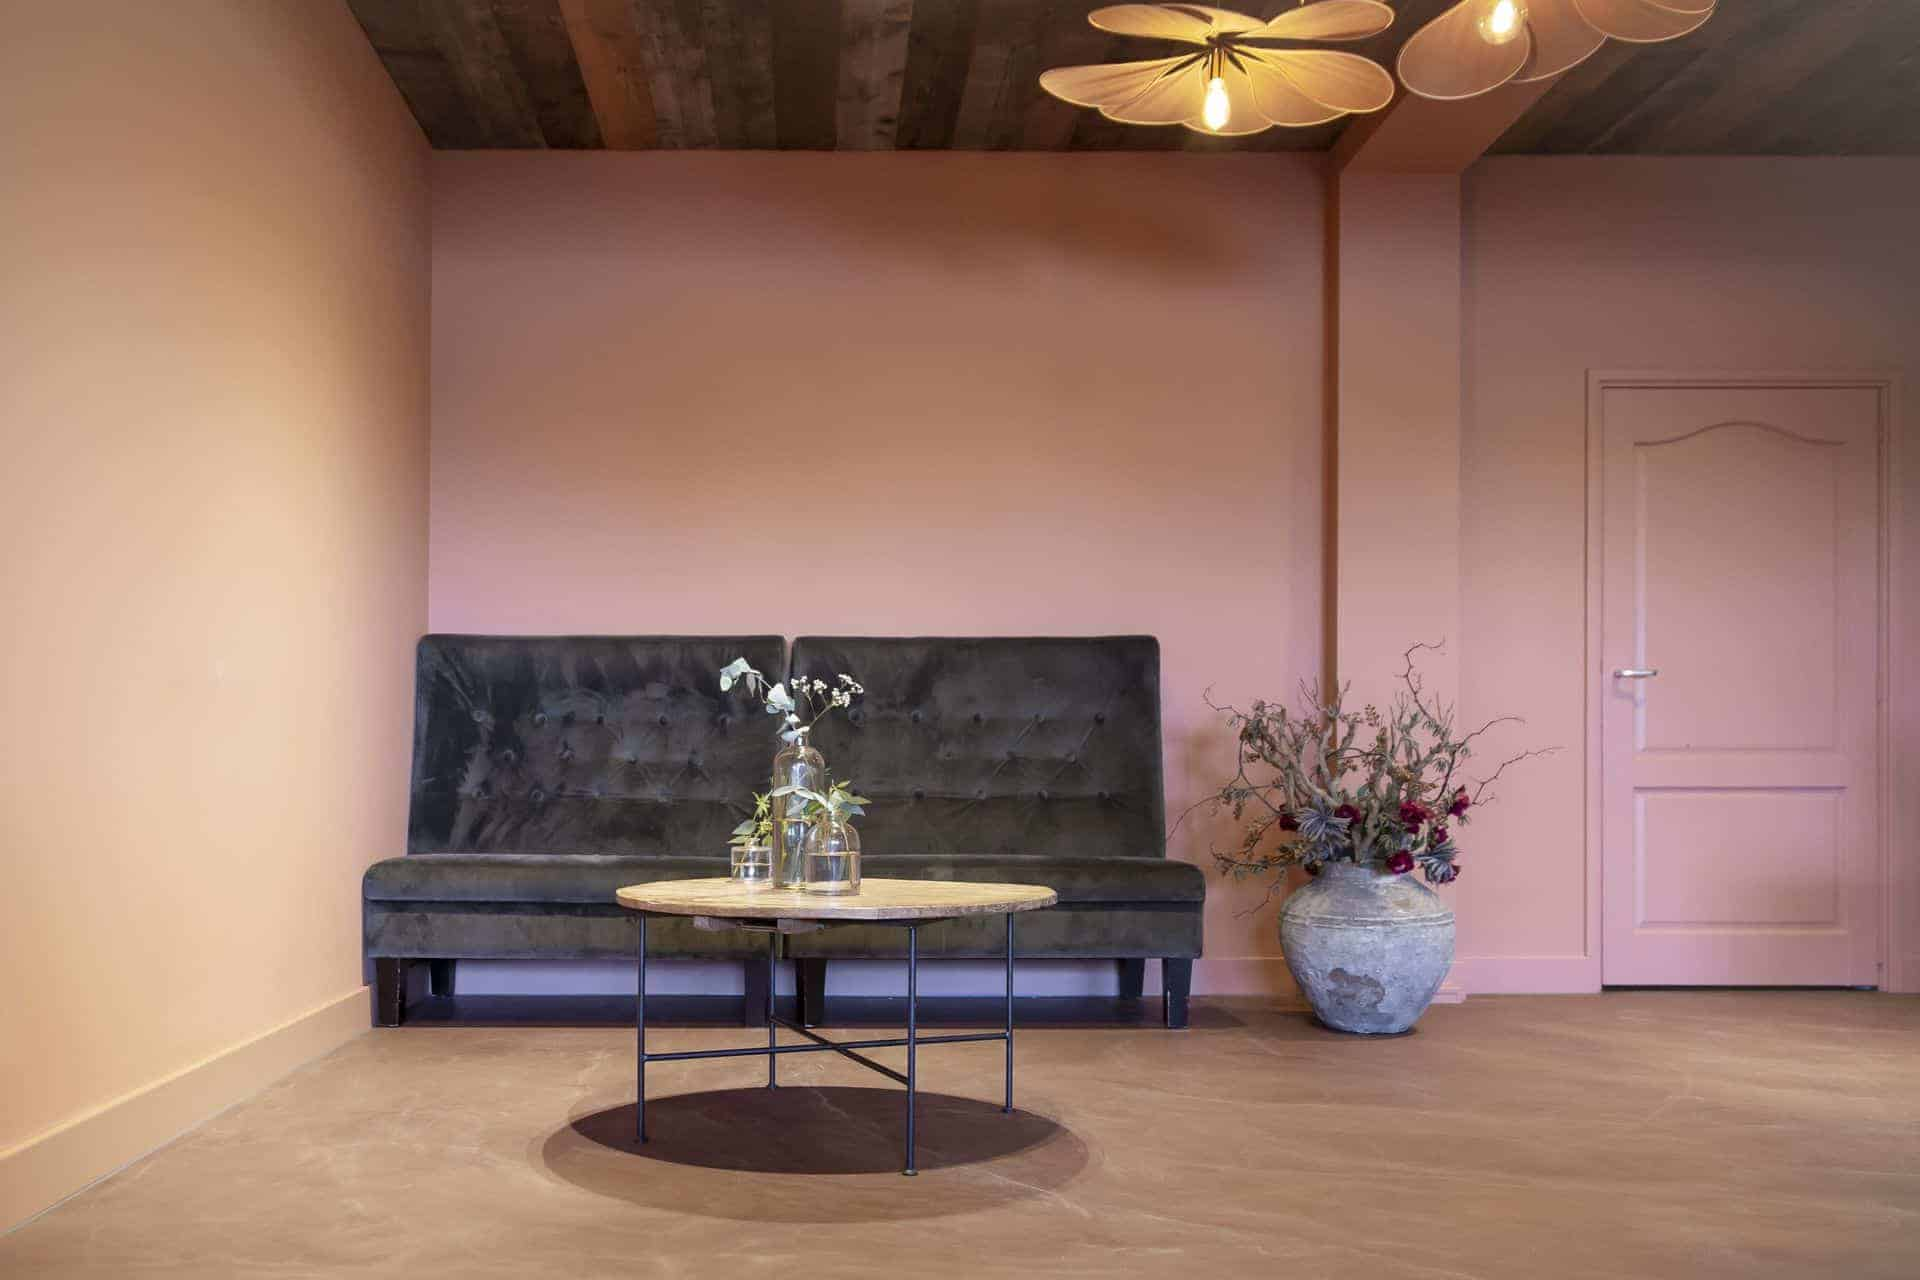 gietvloer vloerverwarming, gietvloer kosten, metallic gietvloer, gietvloer met marmerlook, betonlook, betonlook vloer